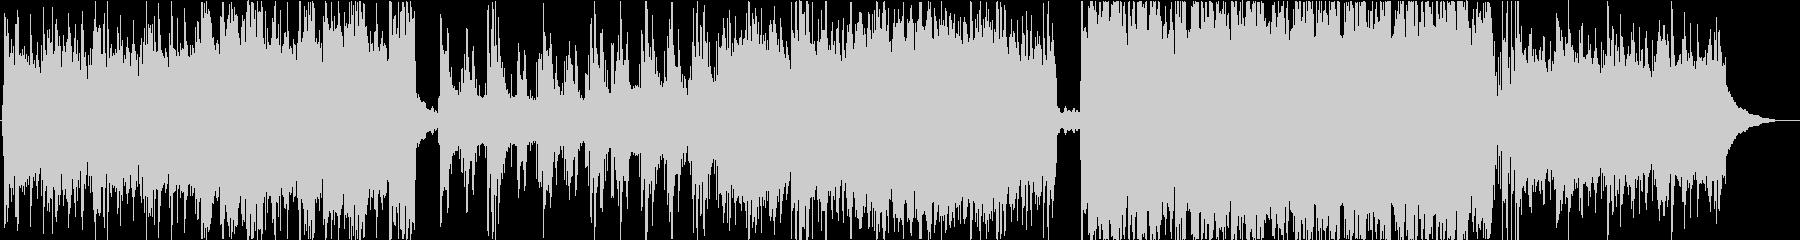 生演奏の二胡とピアノの癒し系サウンドの未再生の波形